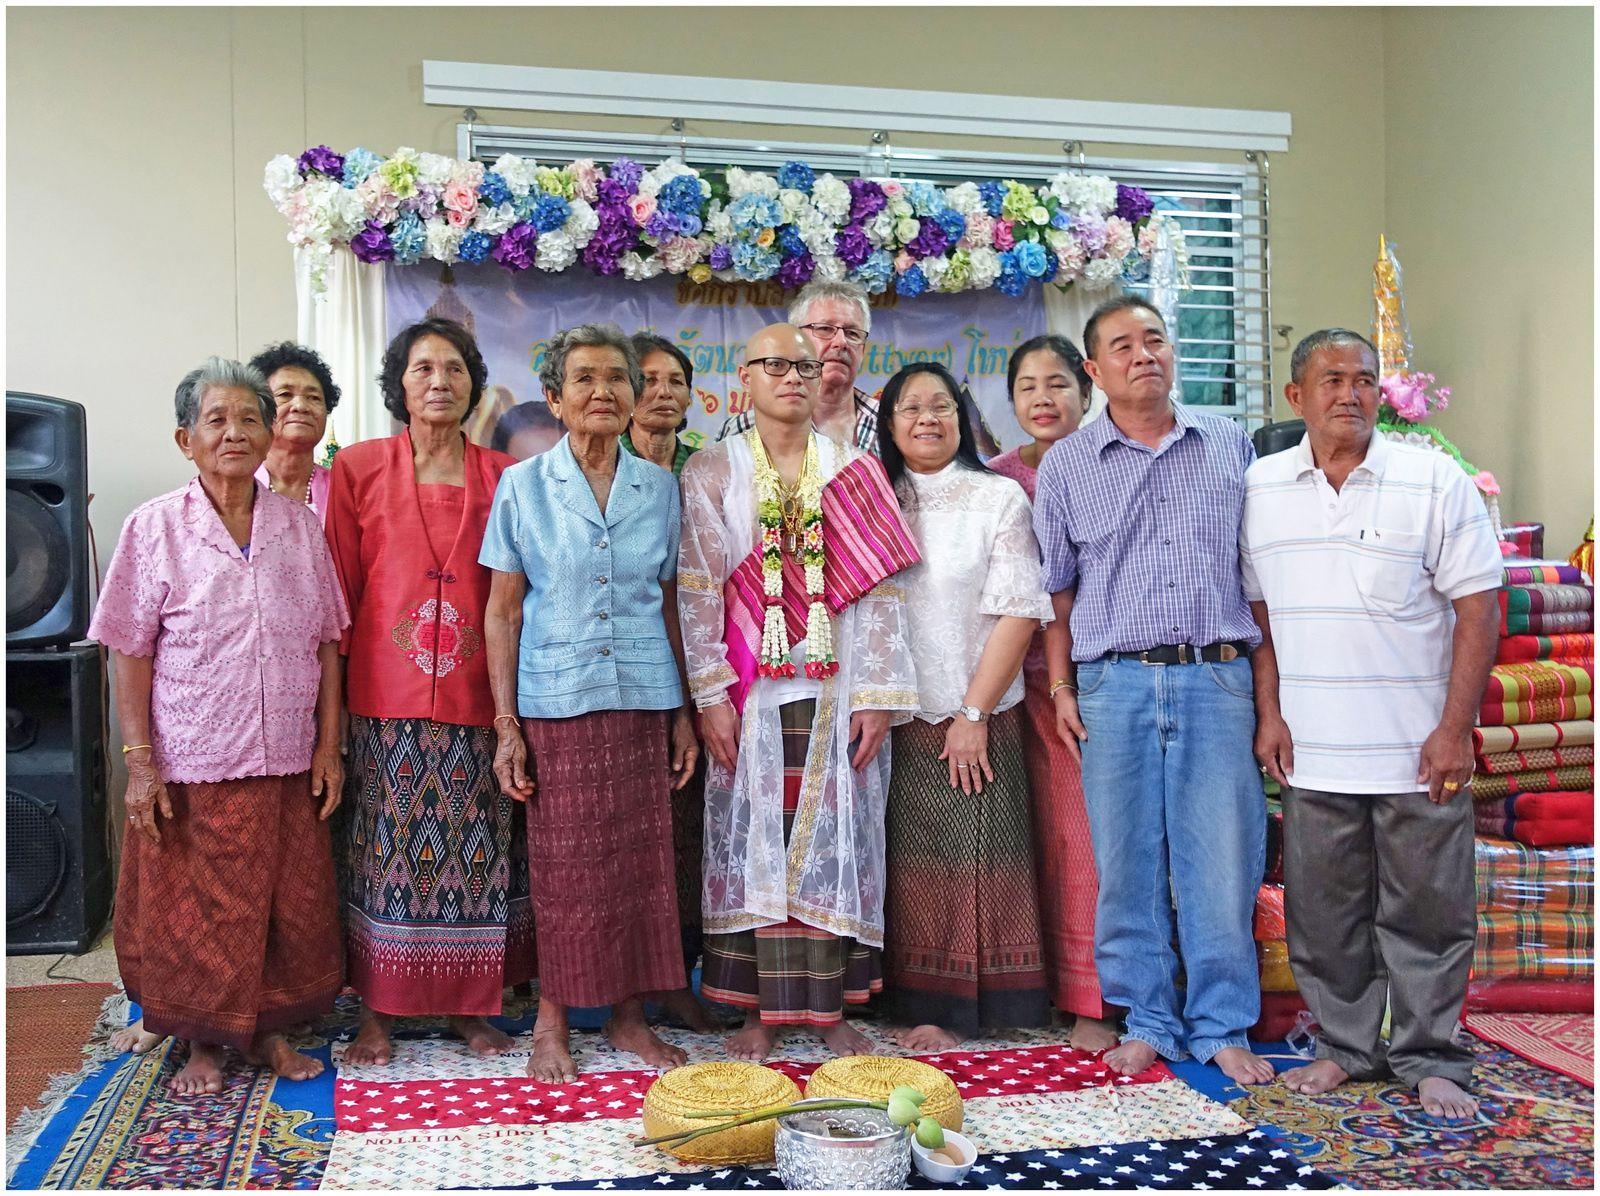 Les différentes étapes amenant à la vie monacale I (Thaïlande)